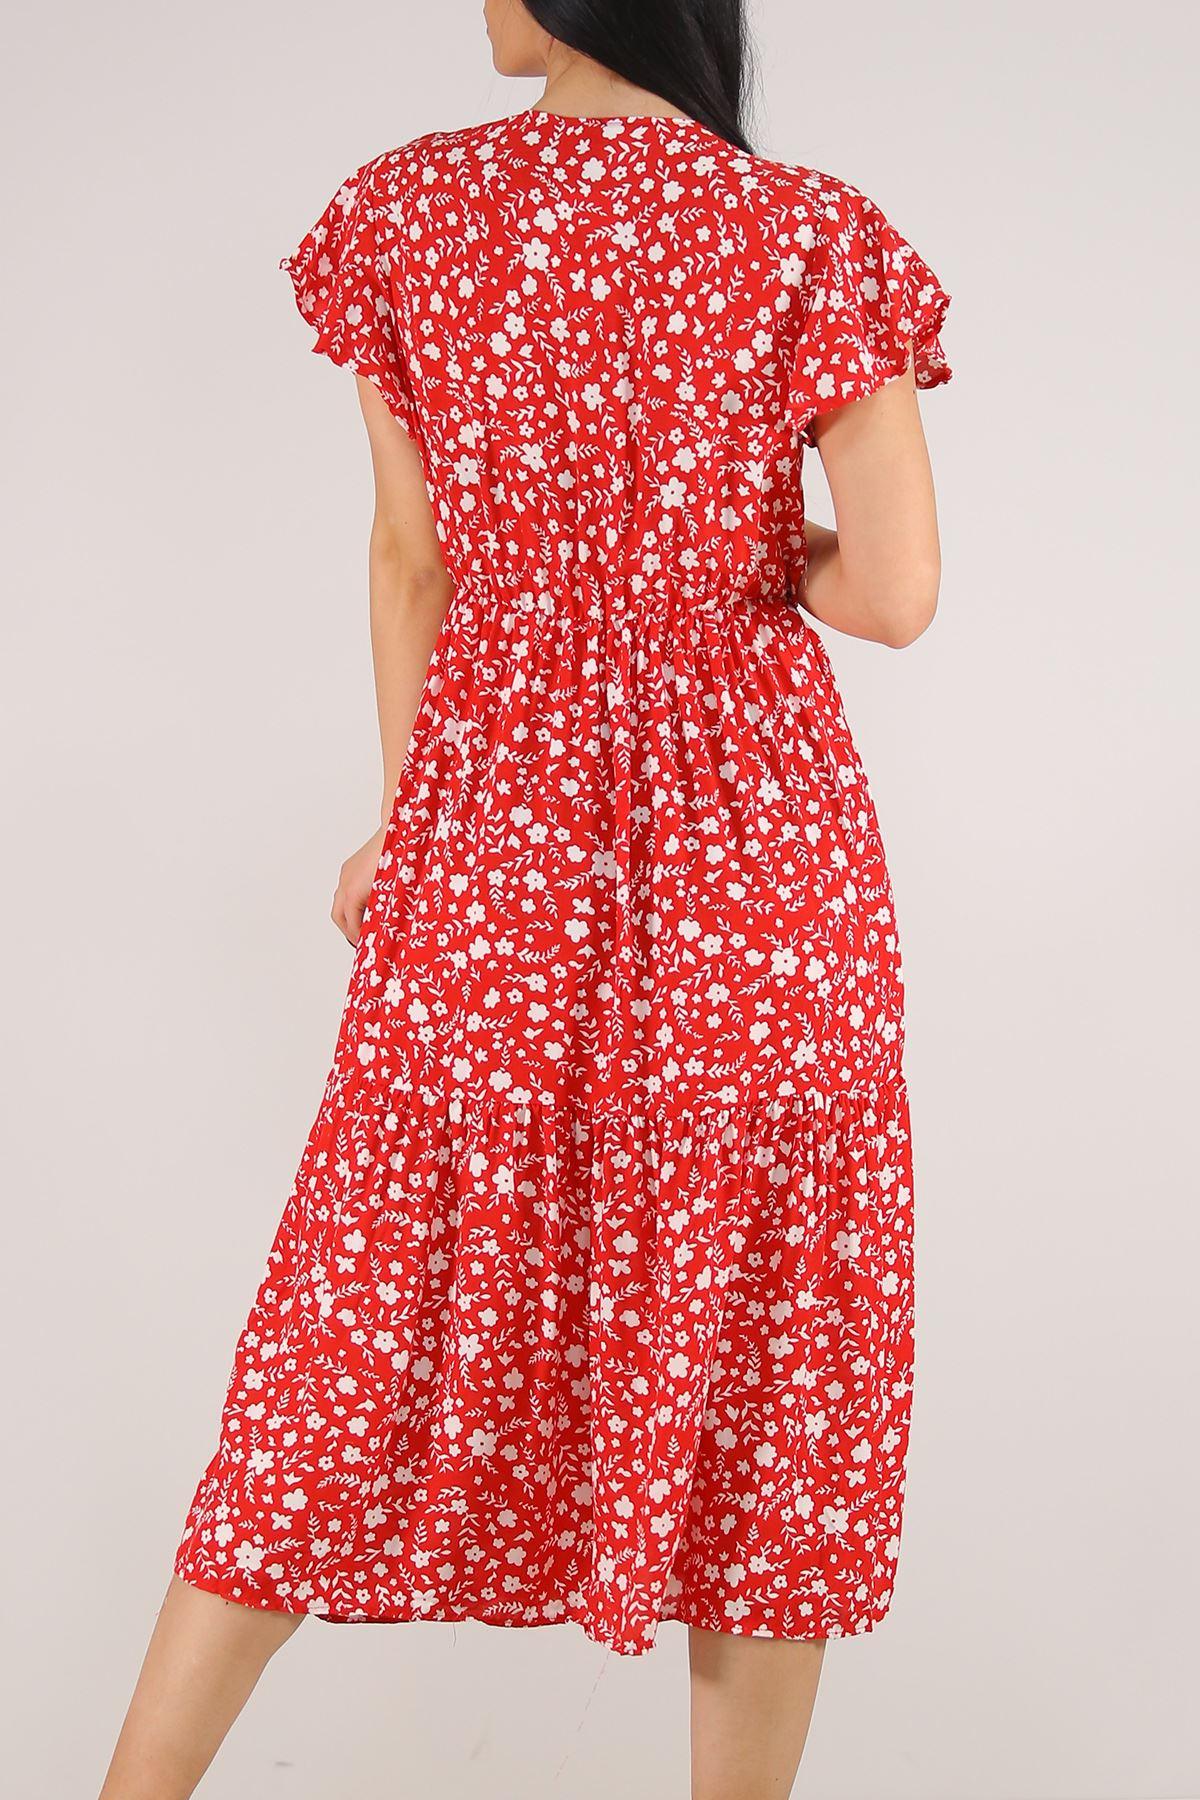 Kruvaze Yaka Elbise Çiçeklikırmızı - 5372.701.